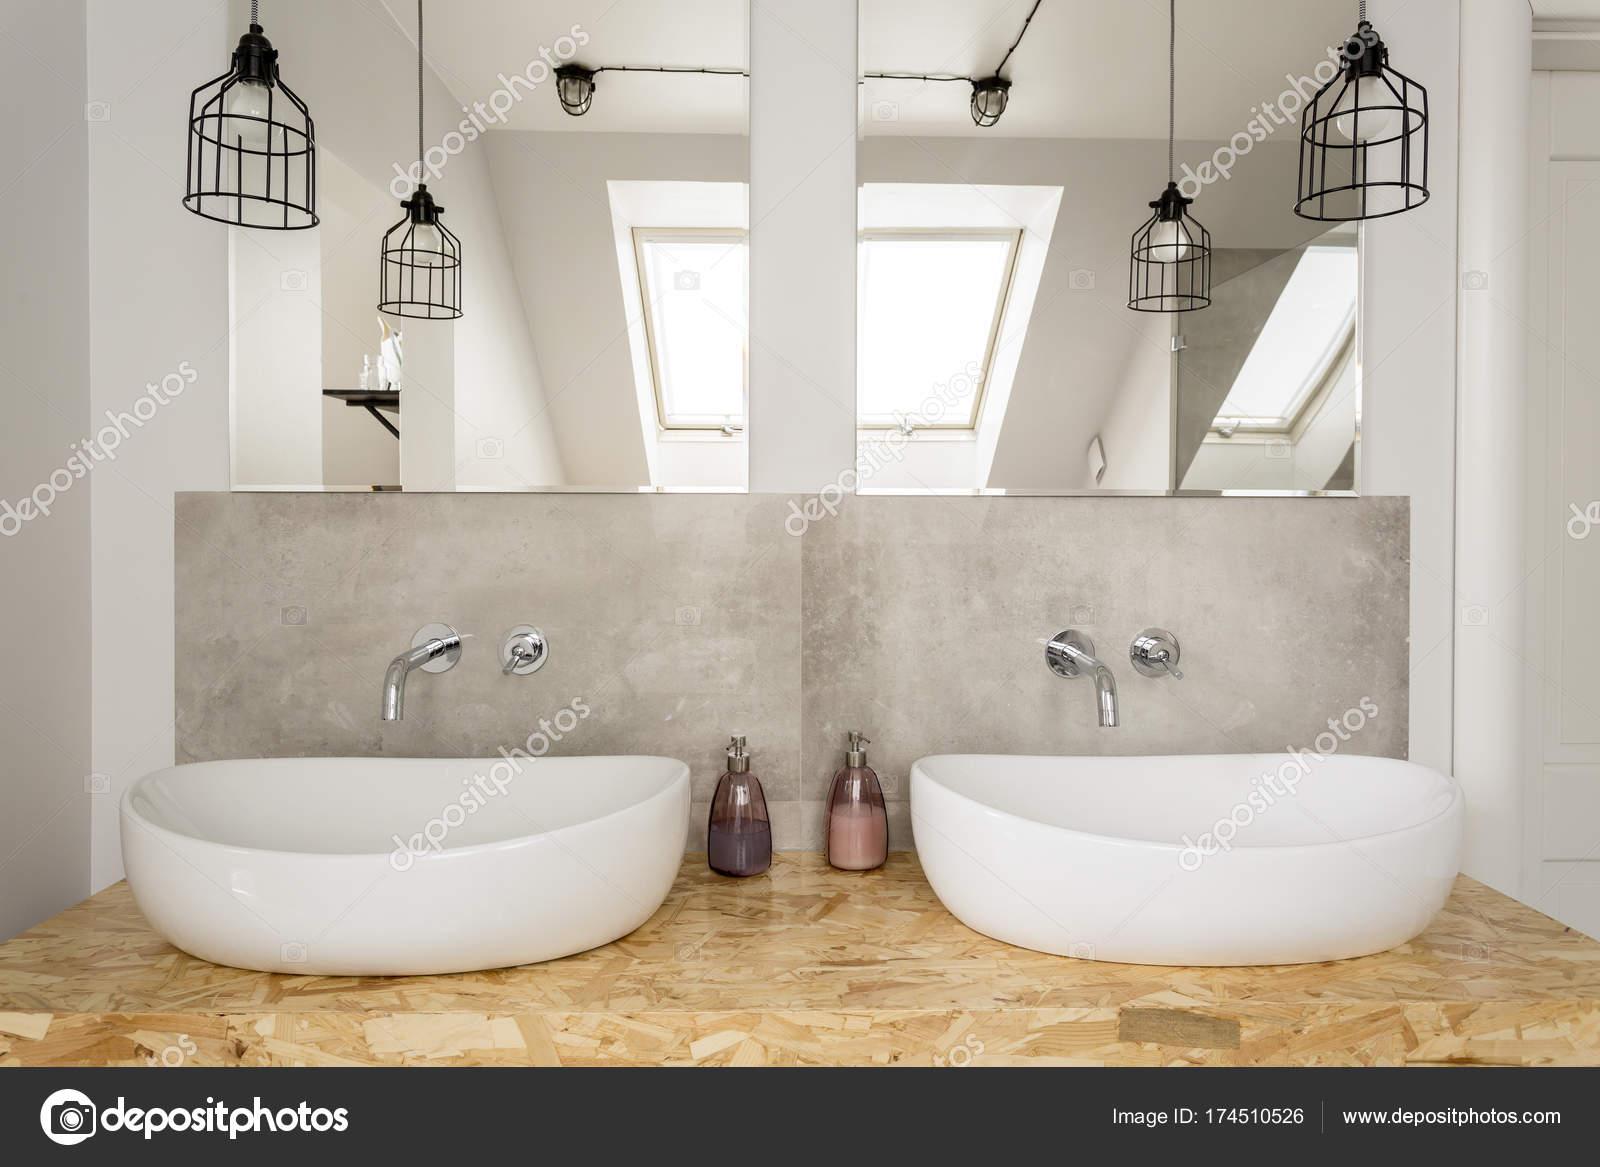 Badkamer Zolder Kosten : Prijs badkamer zolder de klussenier rob hoosemans uw klusbedrijf